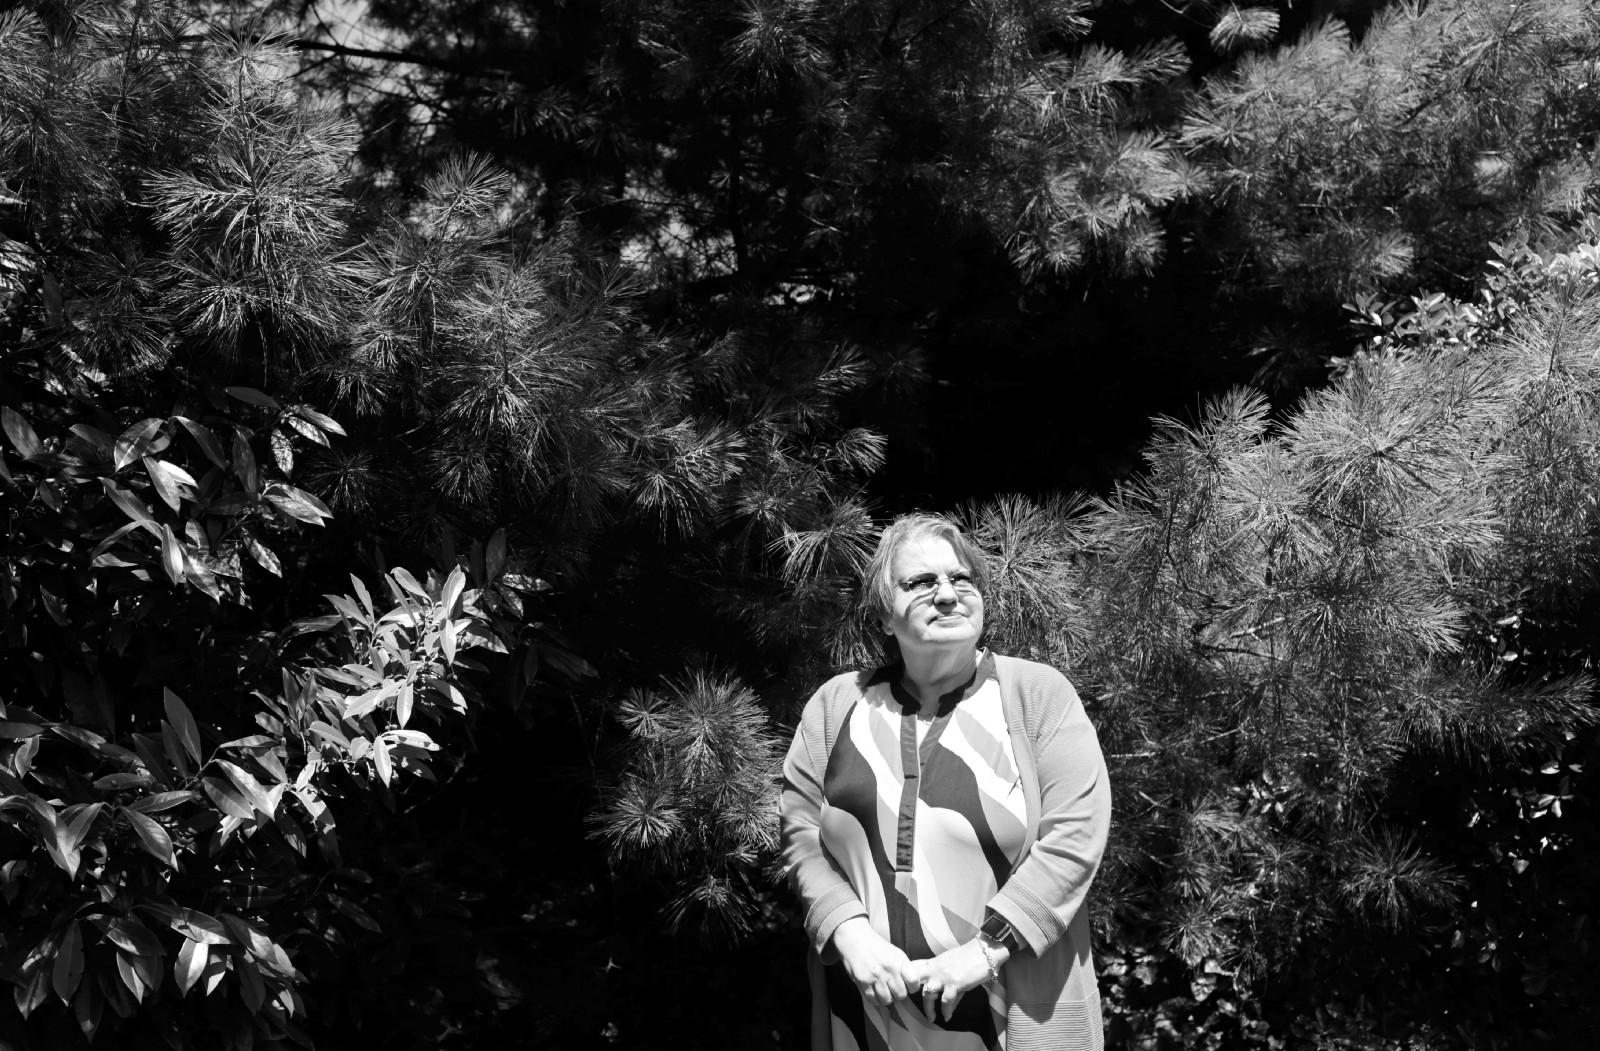 """Элис Коллинз Плебух позирует фотографу после встречи сродственниками вСифорде, Нью-Йорк, США, 24 июня. Про её отца она говорит, что рада, что он нежил вэпоху рекреационной геномики. «Мой папа потерял бы свою идентичность"""",— говорит Плебух. «Он был отчасти пощажён»."""